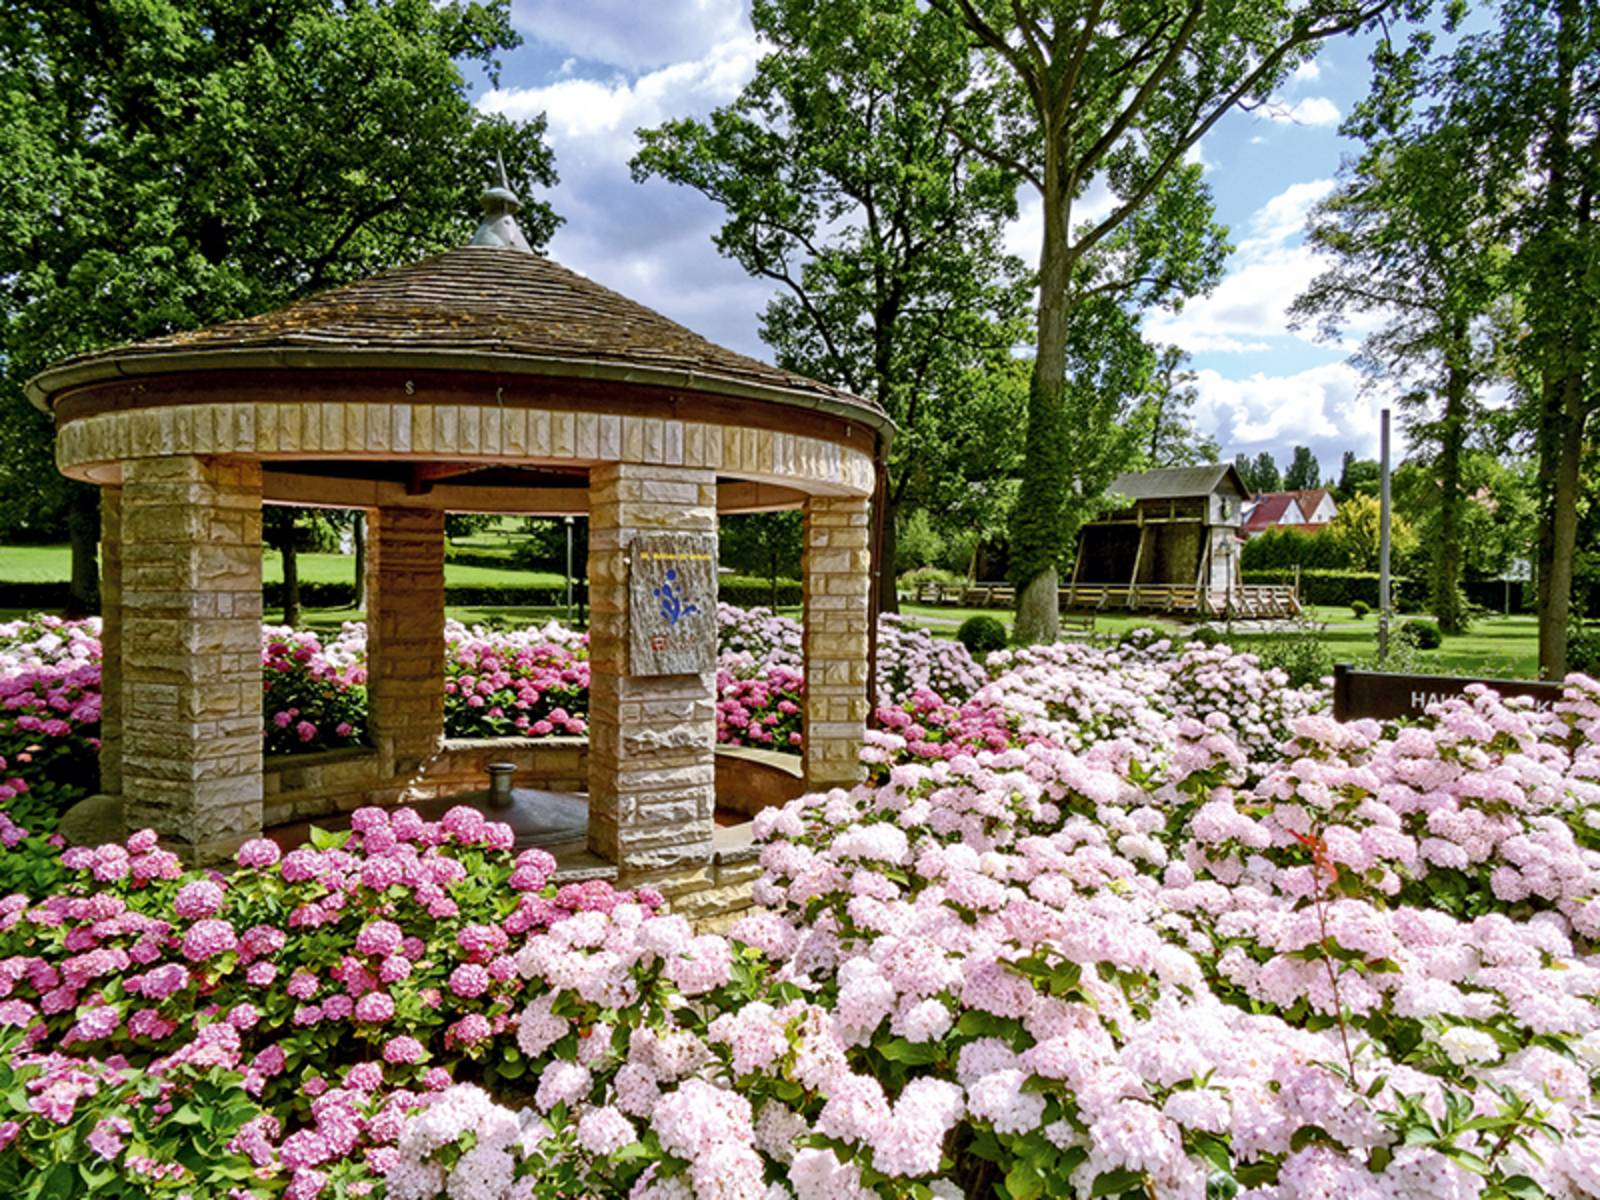 St. Annen-Brunnentempel im Kur-und Landschaftspark